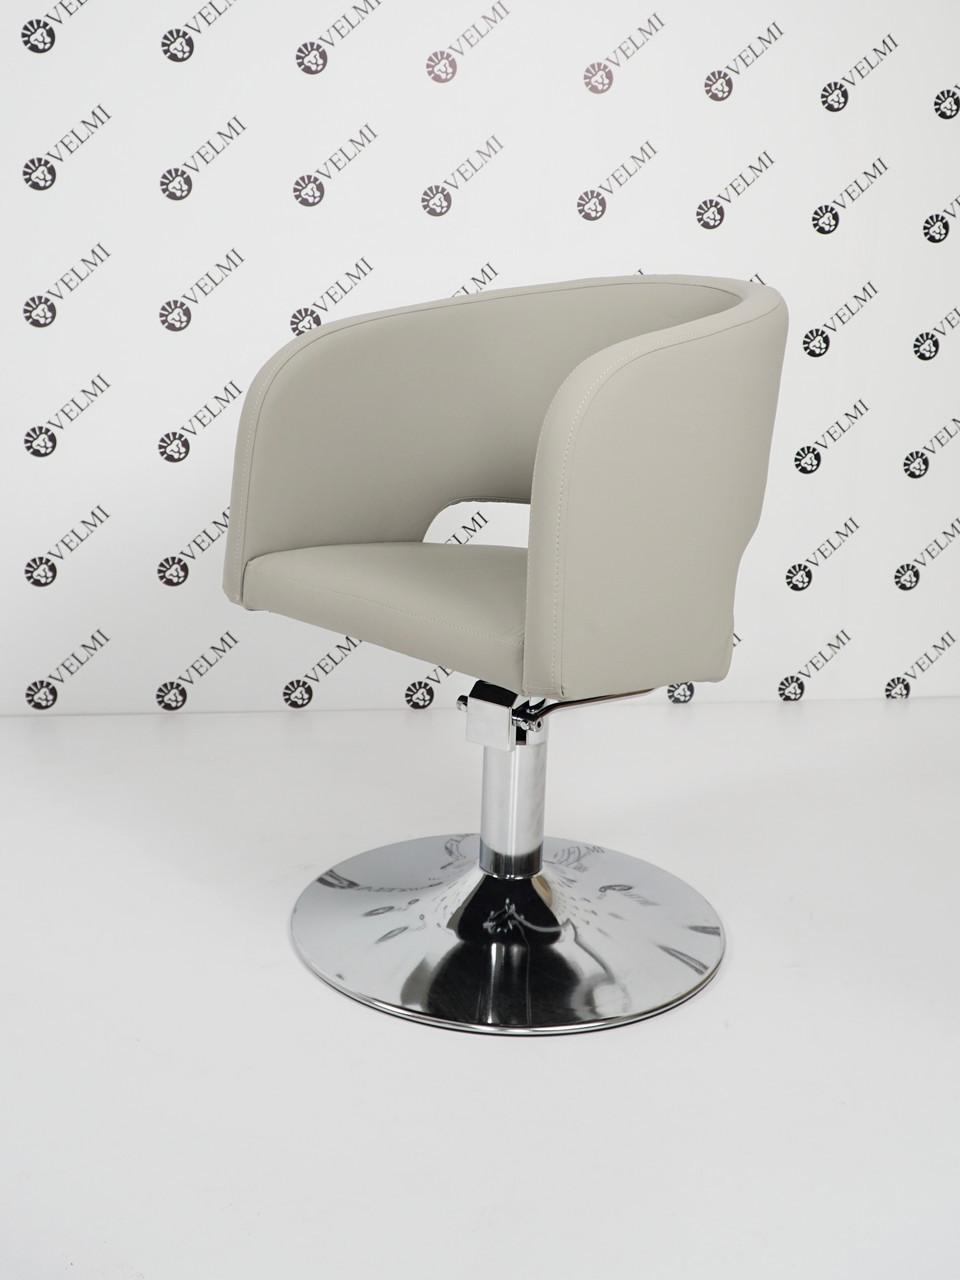 Перукарське крісло на польській гідравліці крісла для майстра перукаря Dorian клієнтів салону краси